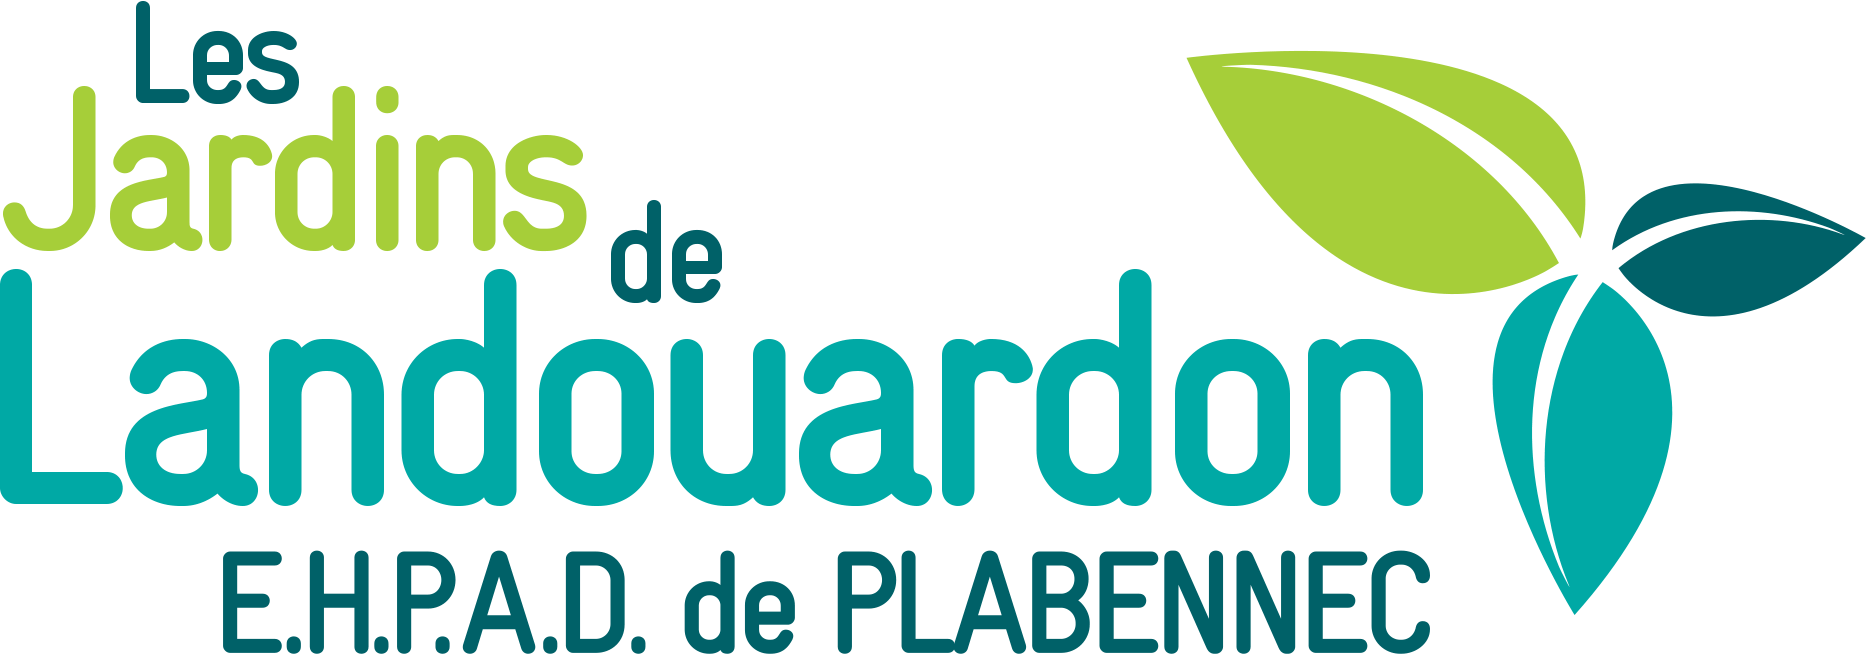 EHPAD Plabennec : EHPAD / Maison de retraite de Plabennec (Accueil)